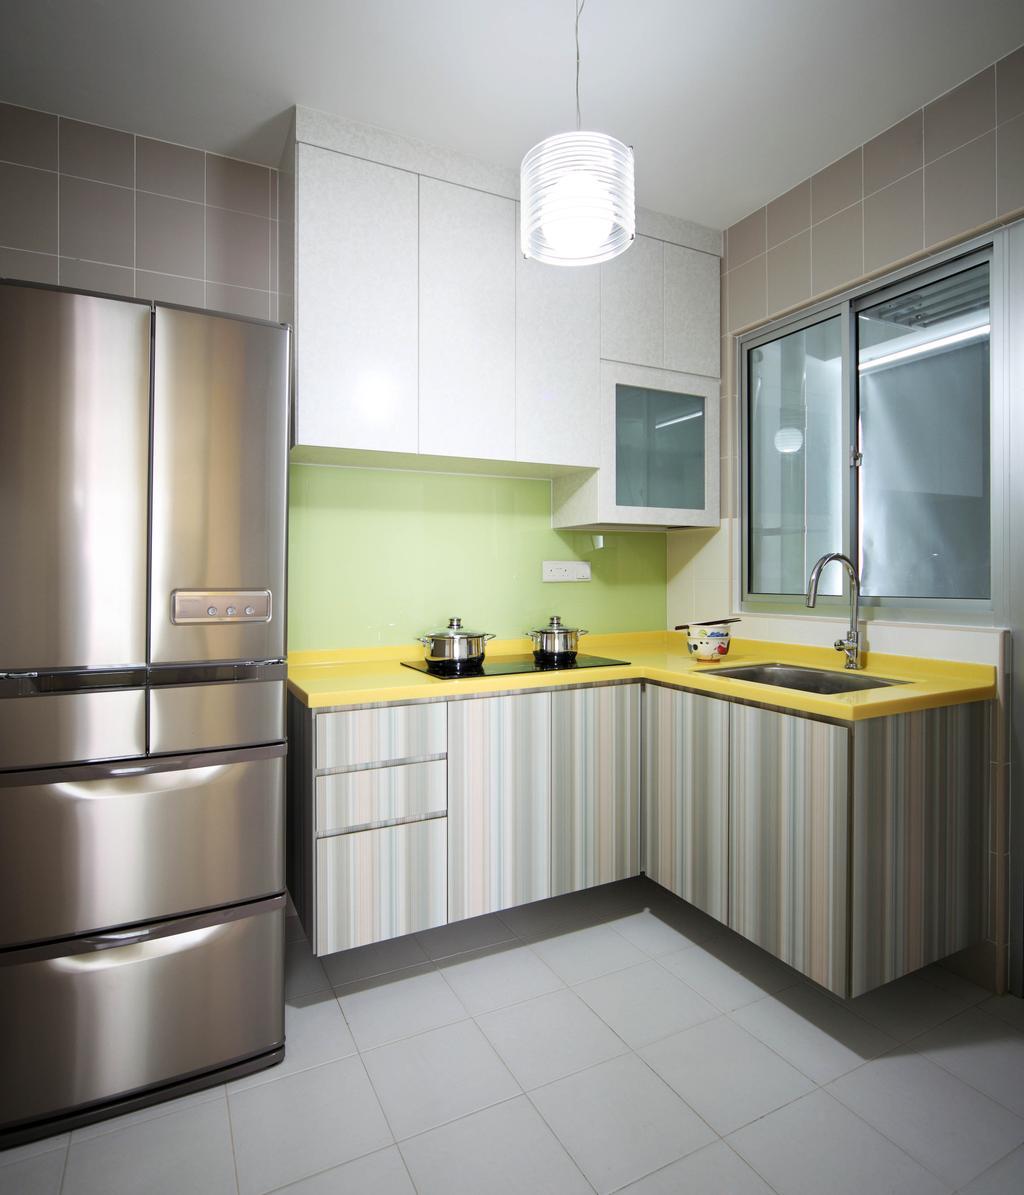 Eclectic, HDB, Kitchen, Bendemeer Road (Block 38D), Interior Designer, De Exclusive Design Group, Kitchen Cabinets, Cabinetry, Refrigerator, Shelves, Shelving, Yellow, Kitchen Countertop, Indoors, Interior Design, Room, Bathroom, Sink